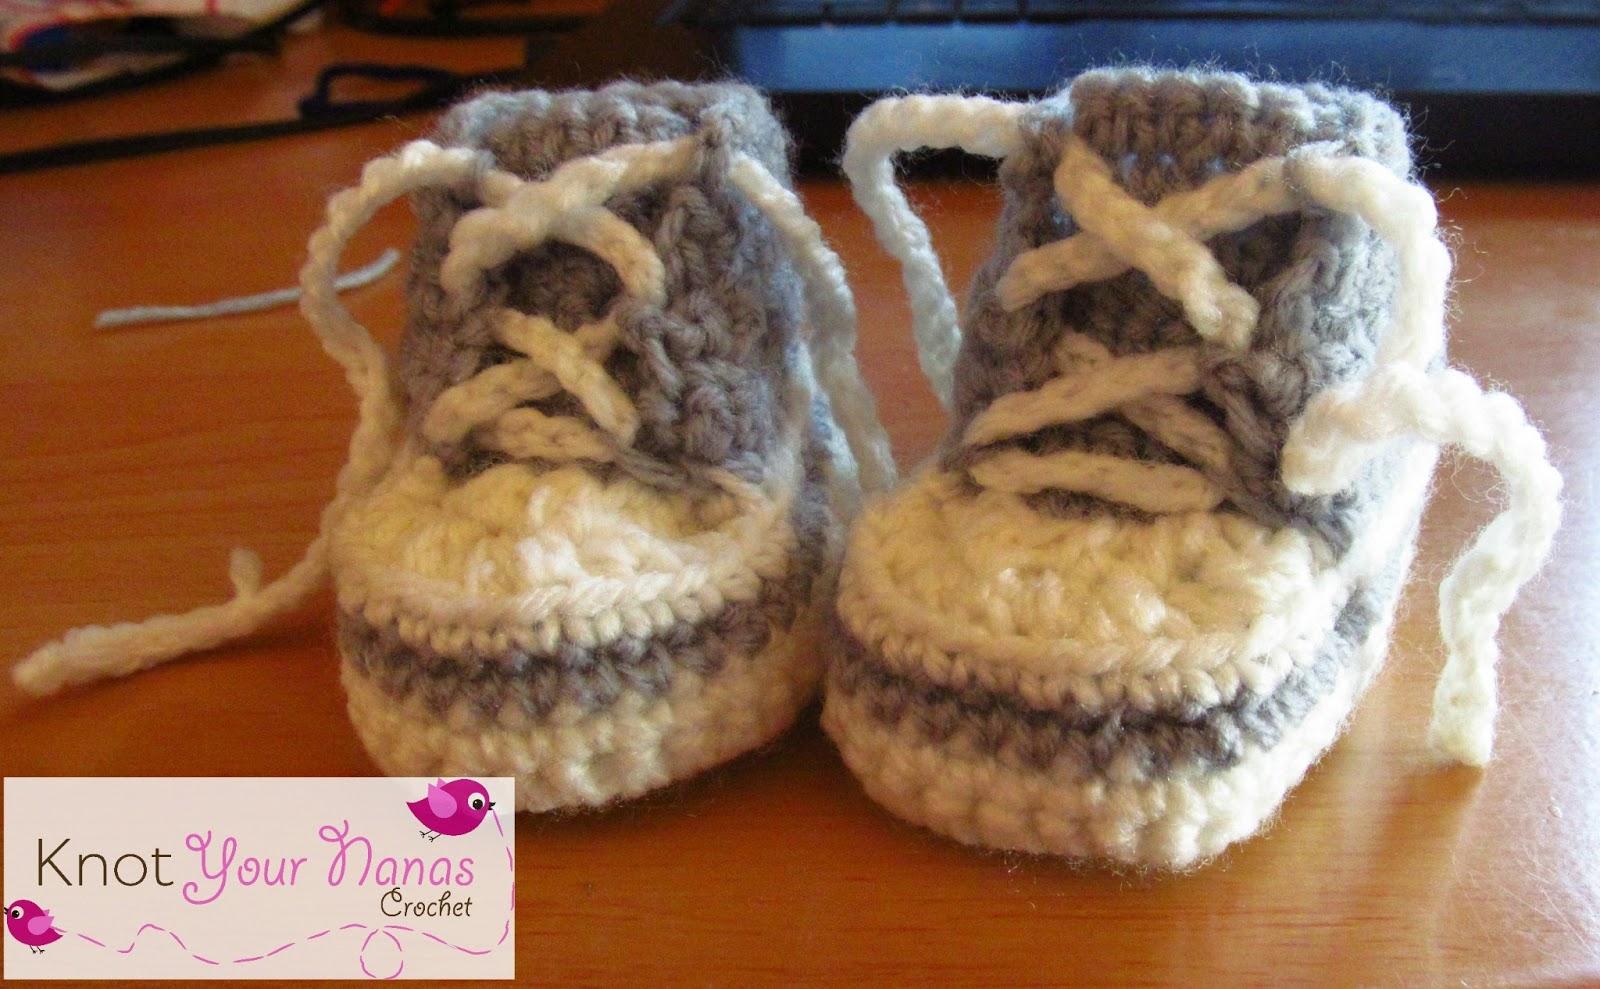 21e2a1a0a830 Knot Your Nana s Crochet  Crochet Converse Newborn High Tops